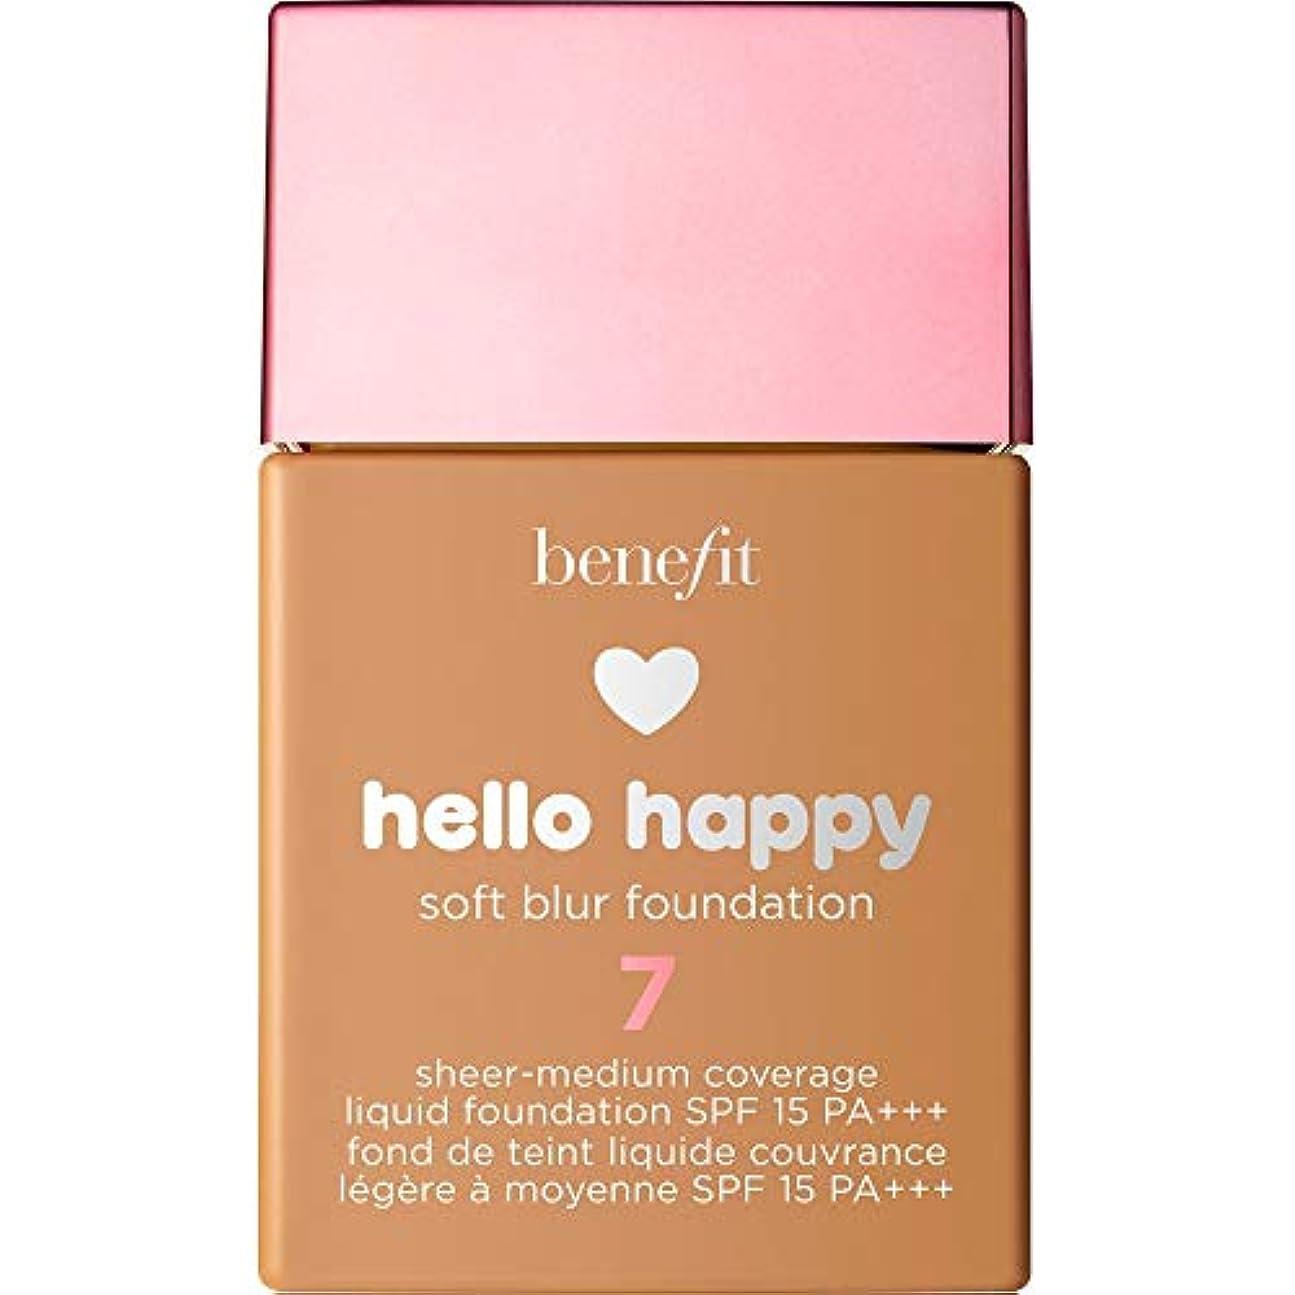 退屈マンモスニュージーランド[Benefit ] 利益こんにちは幸せなソフトブラー基礎Spf15 30ミリリットル7 - 中規模たん暖かいです - Benefit Hello Happy Soft Blur Foundation SPF15 30ml...